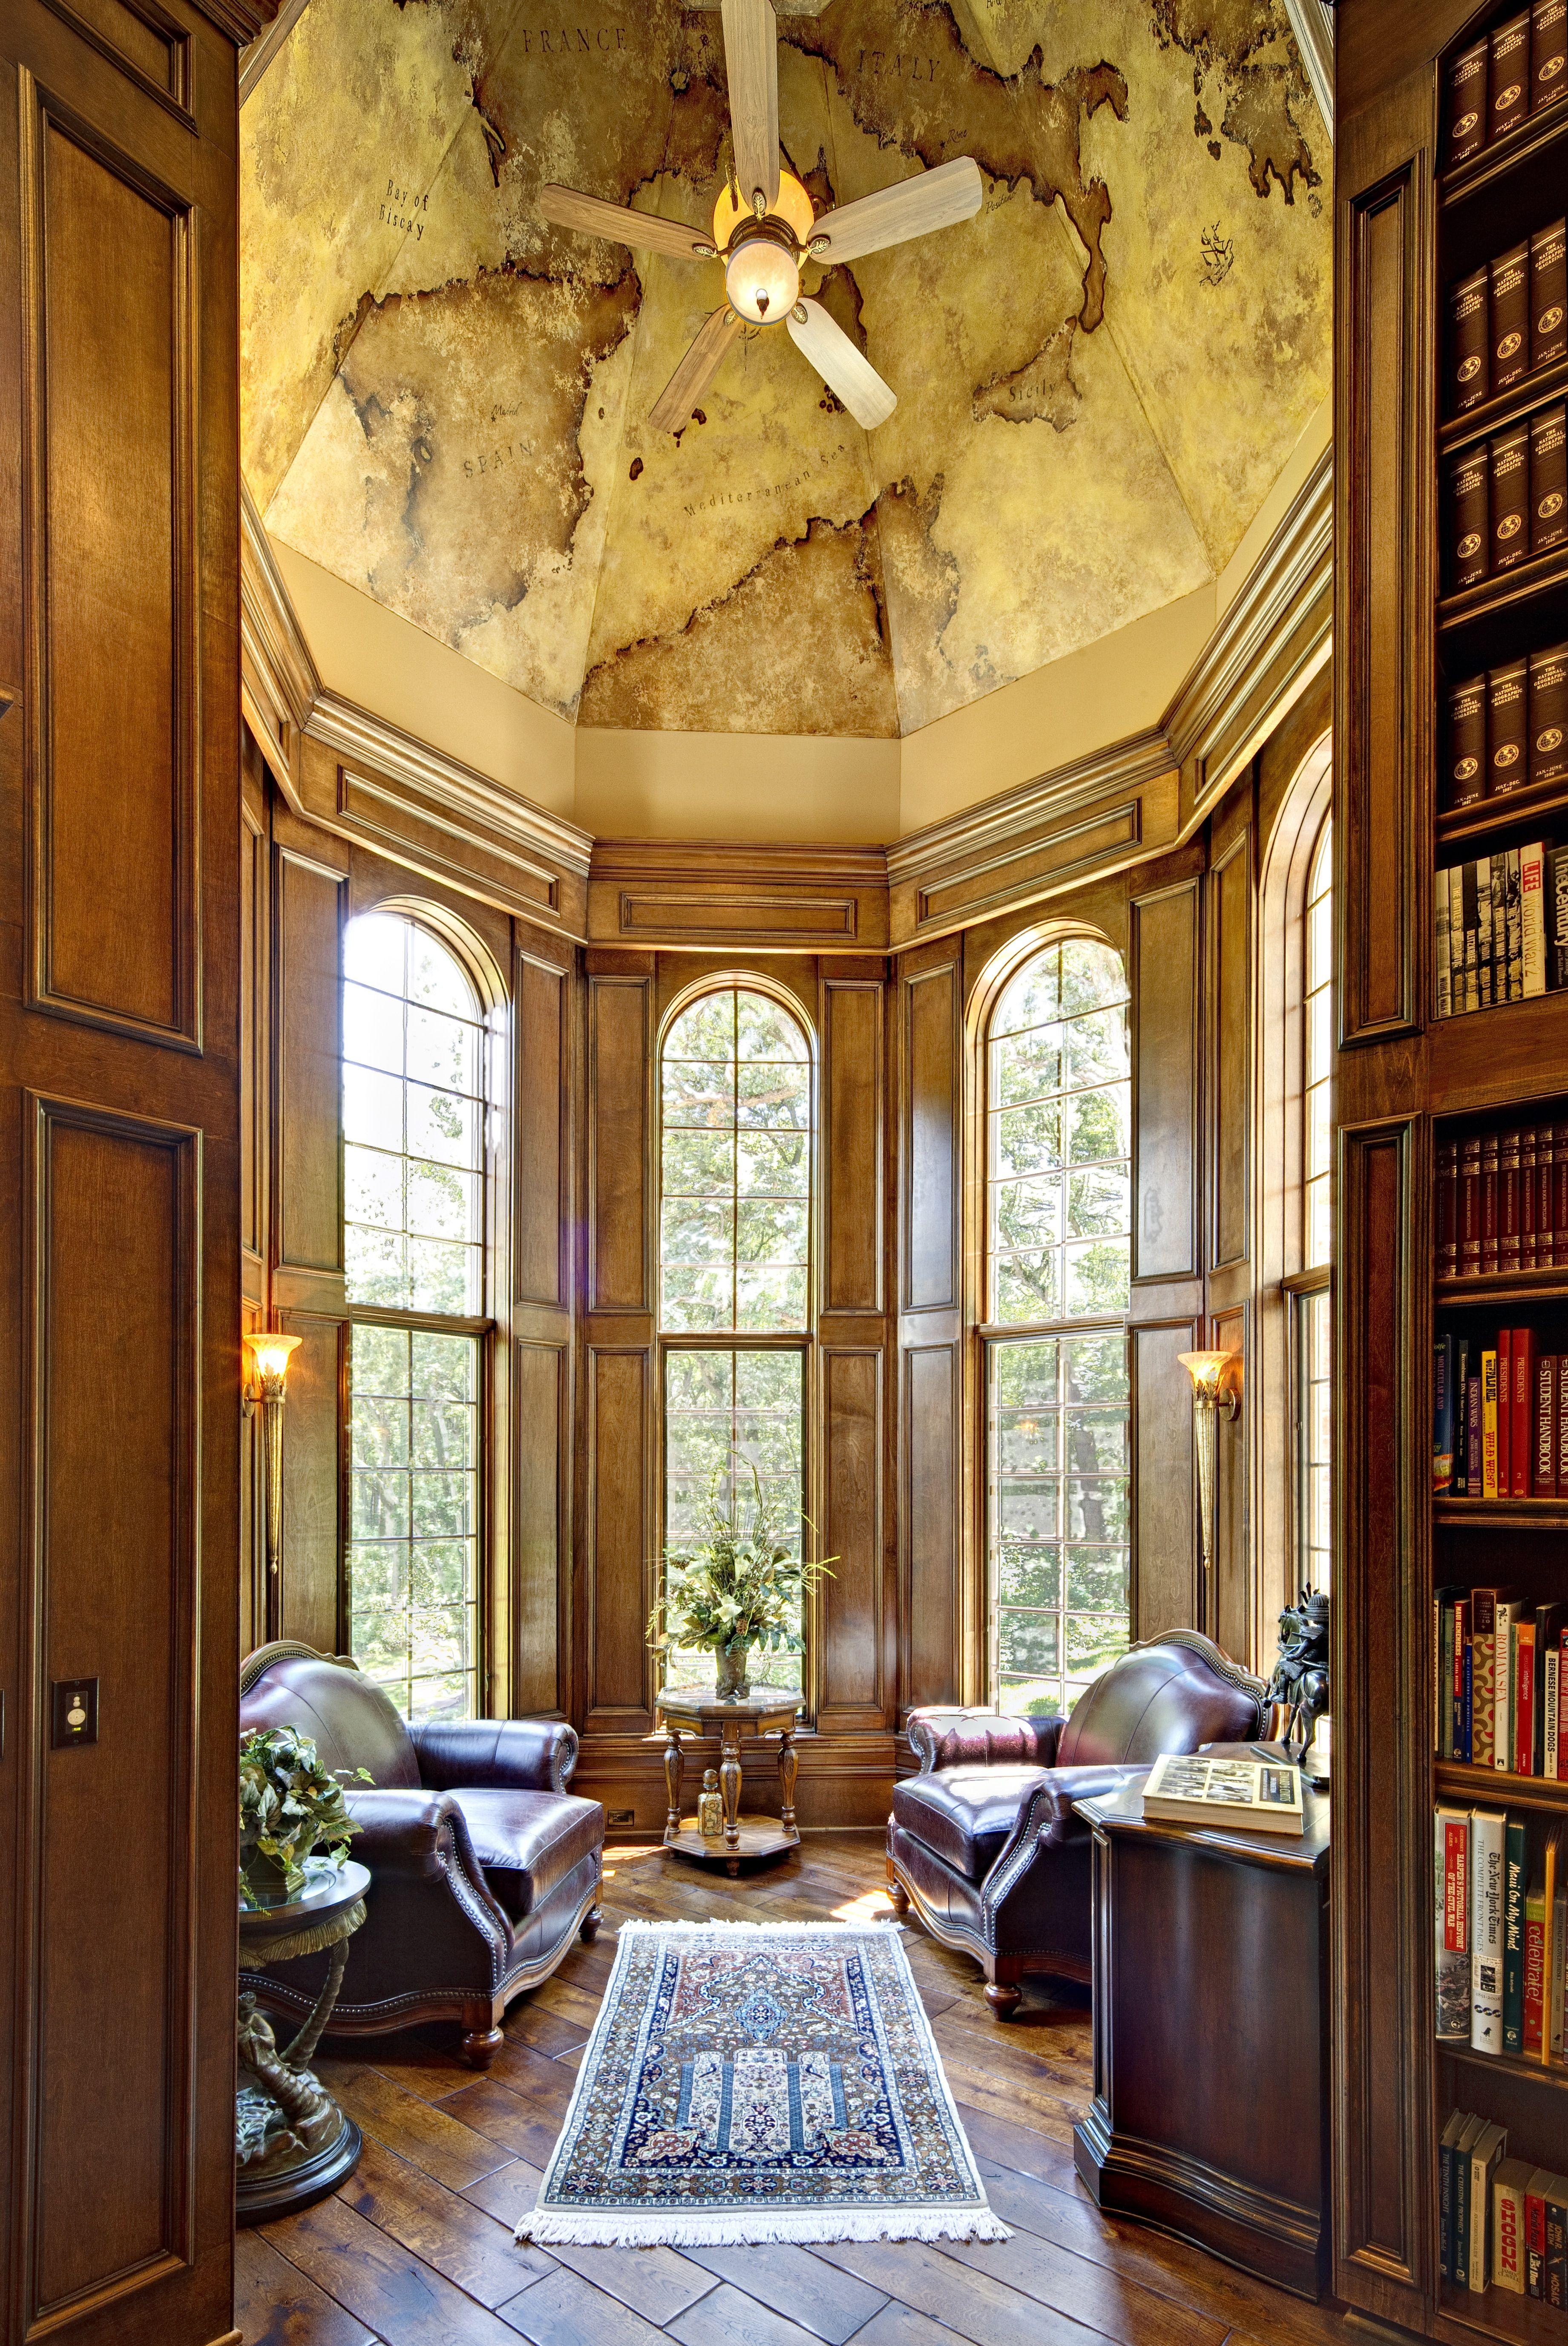 Olkd Study Room: Turret Room On Custom Home. Luxury Study With Custom Old